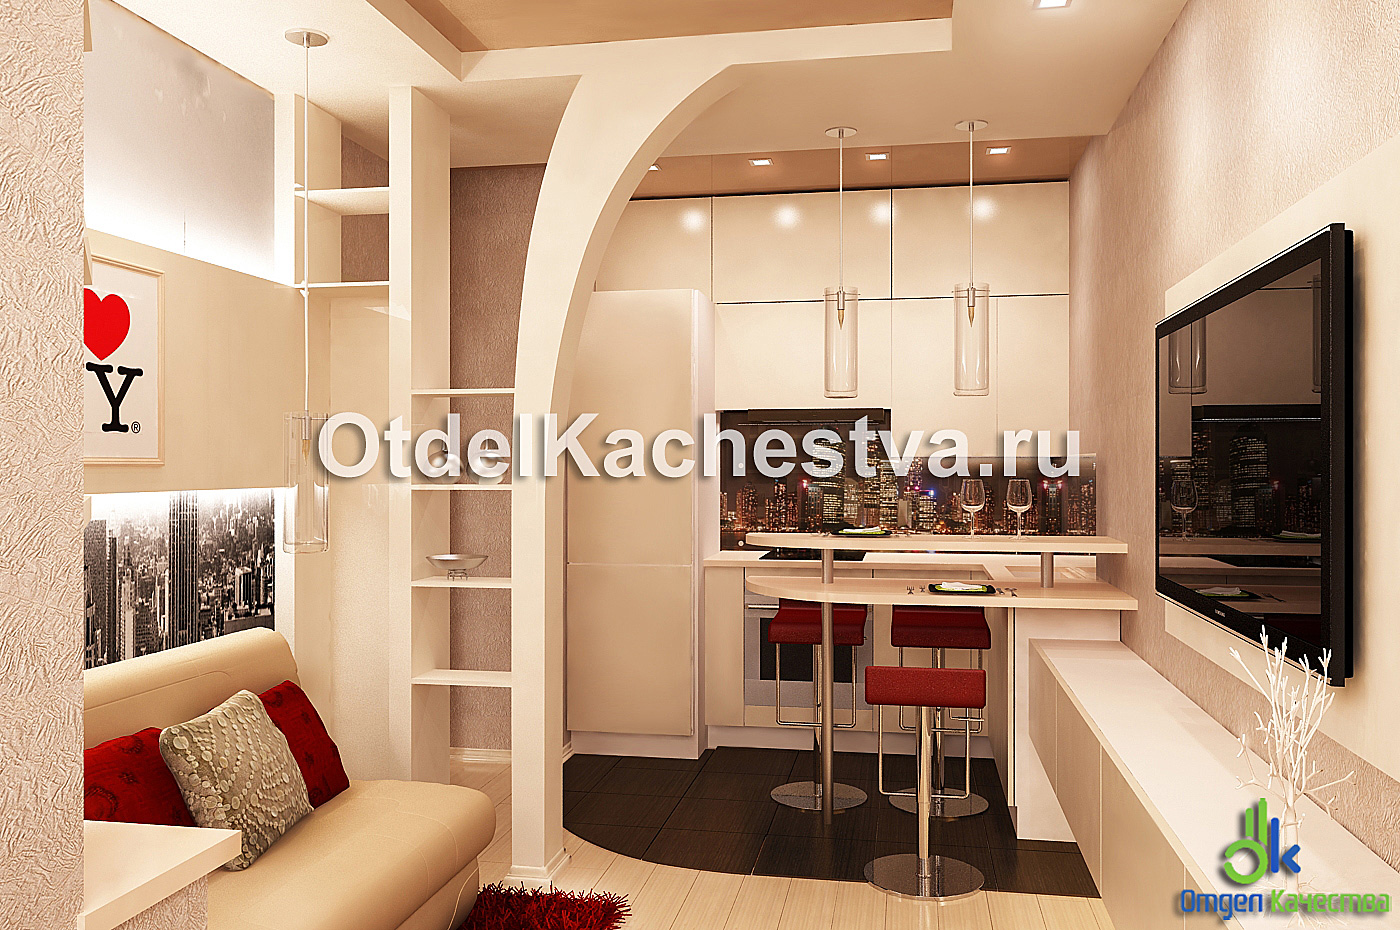 Кухня студия с барной стойкой дизайн фото 175